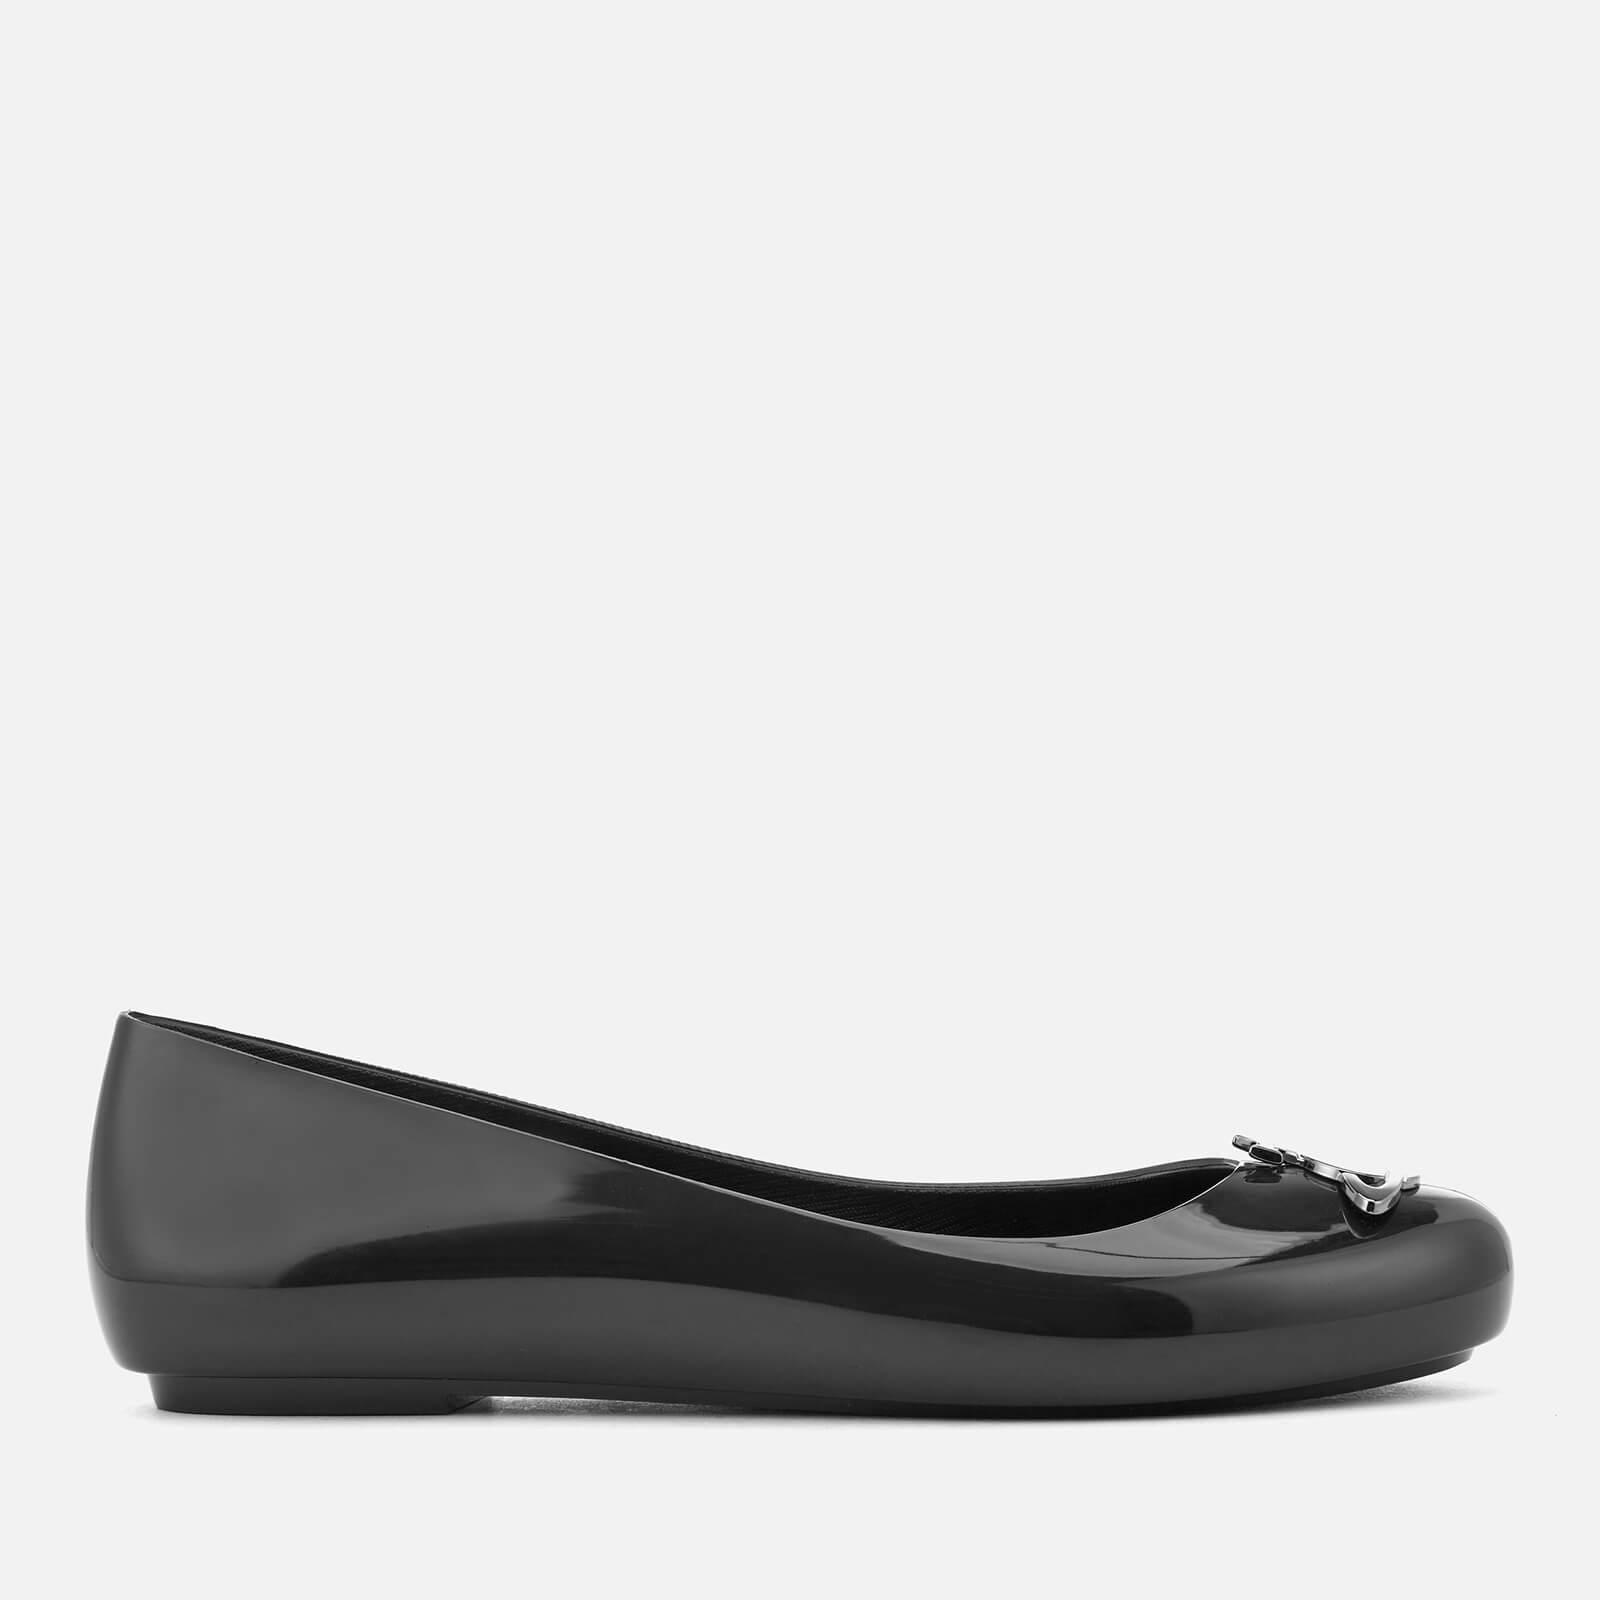 19 Ballet Flats - Black/Gun Orb